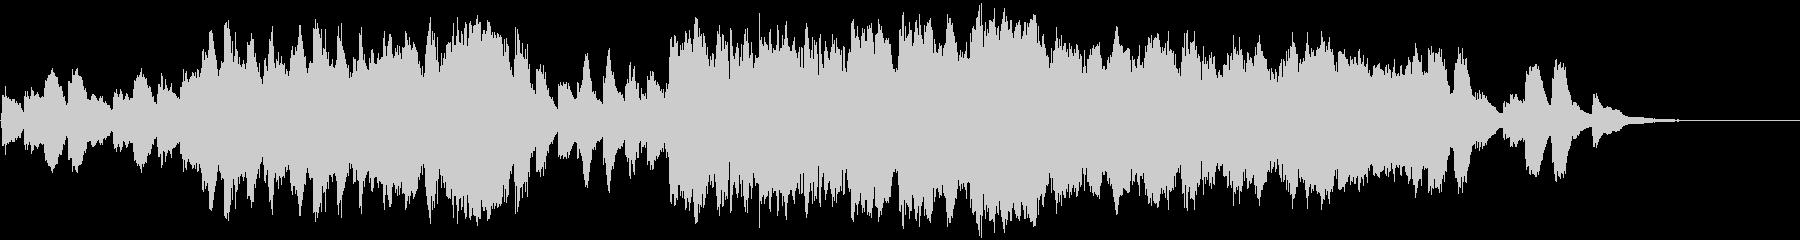 スローテンポで暗い厳かなバイオリンの曲の未再生の波形